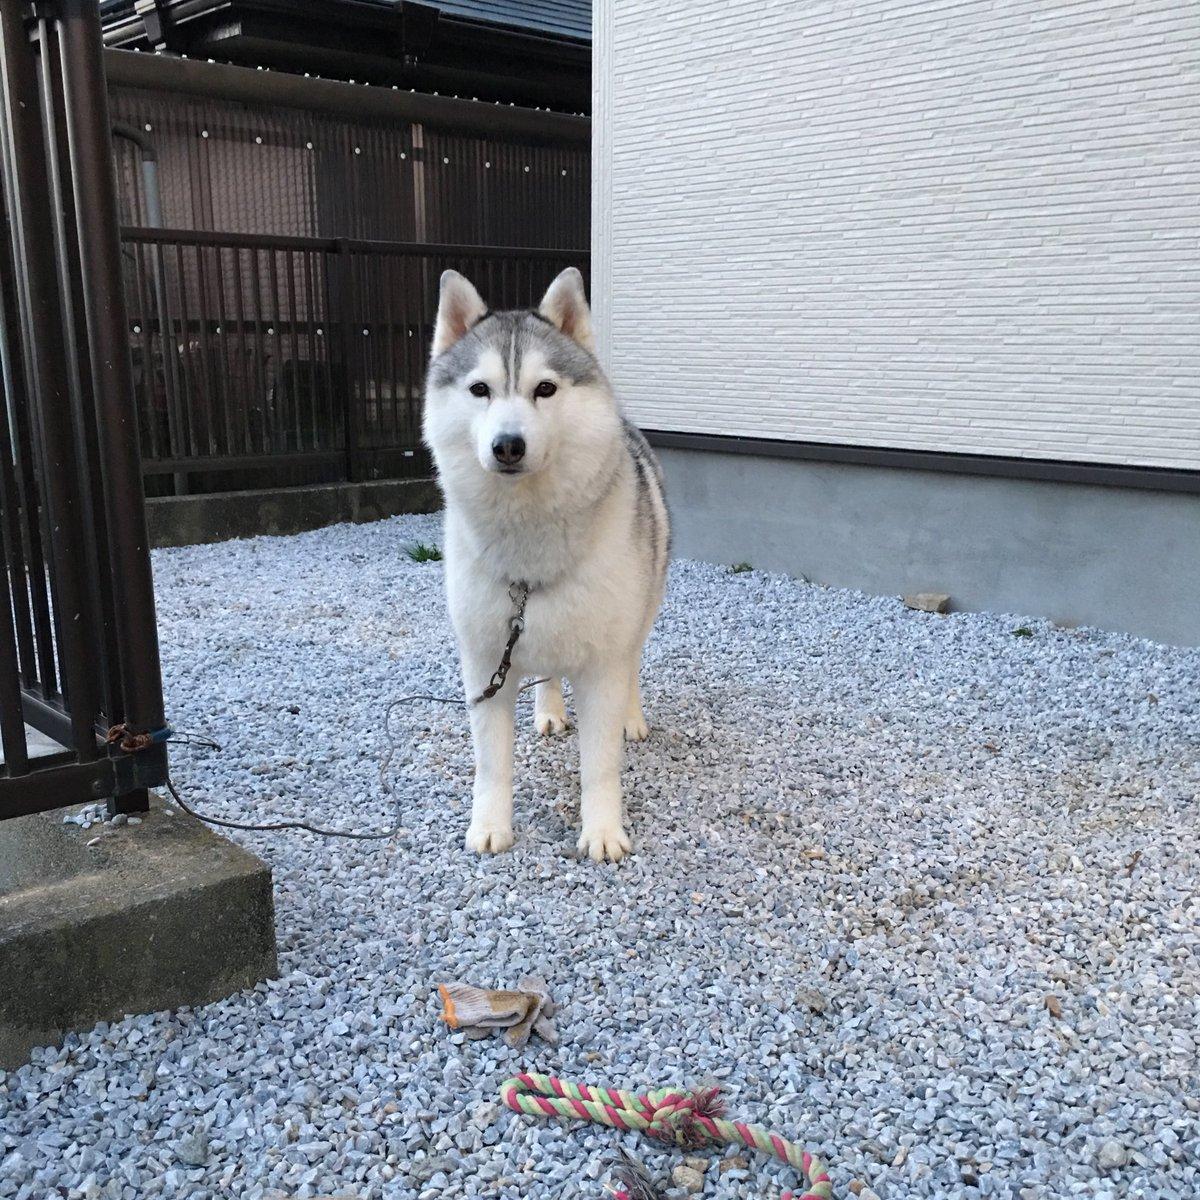 番犬できませんオーラすごい pic.twitter.com/ZZ6P4RNE8W